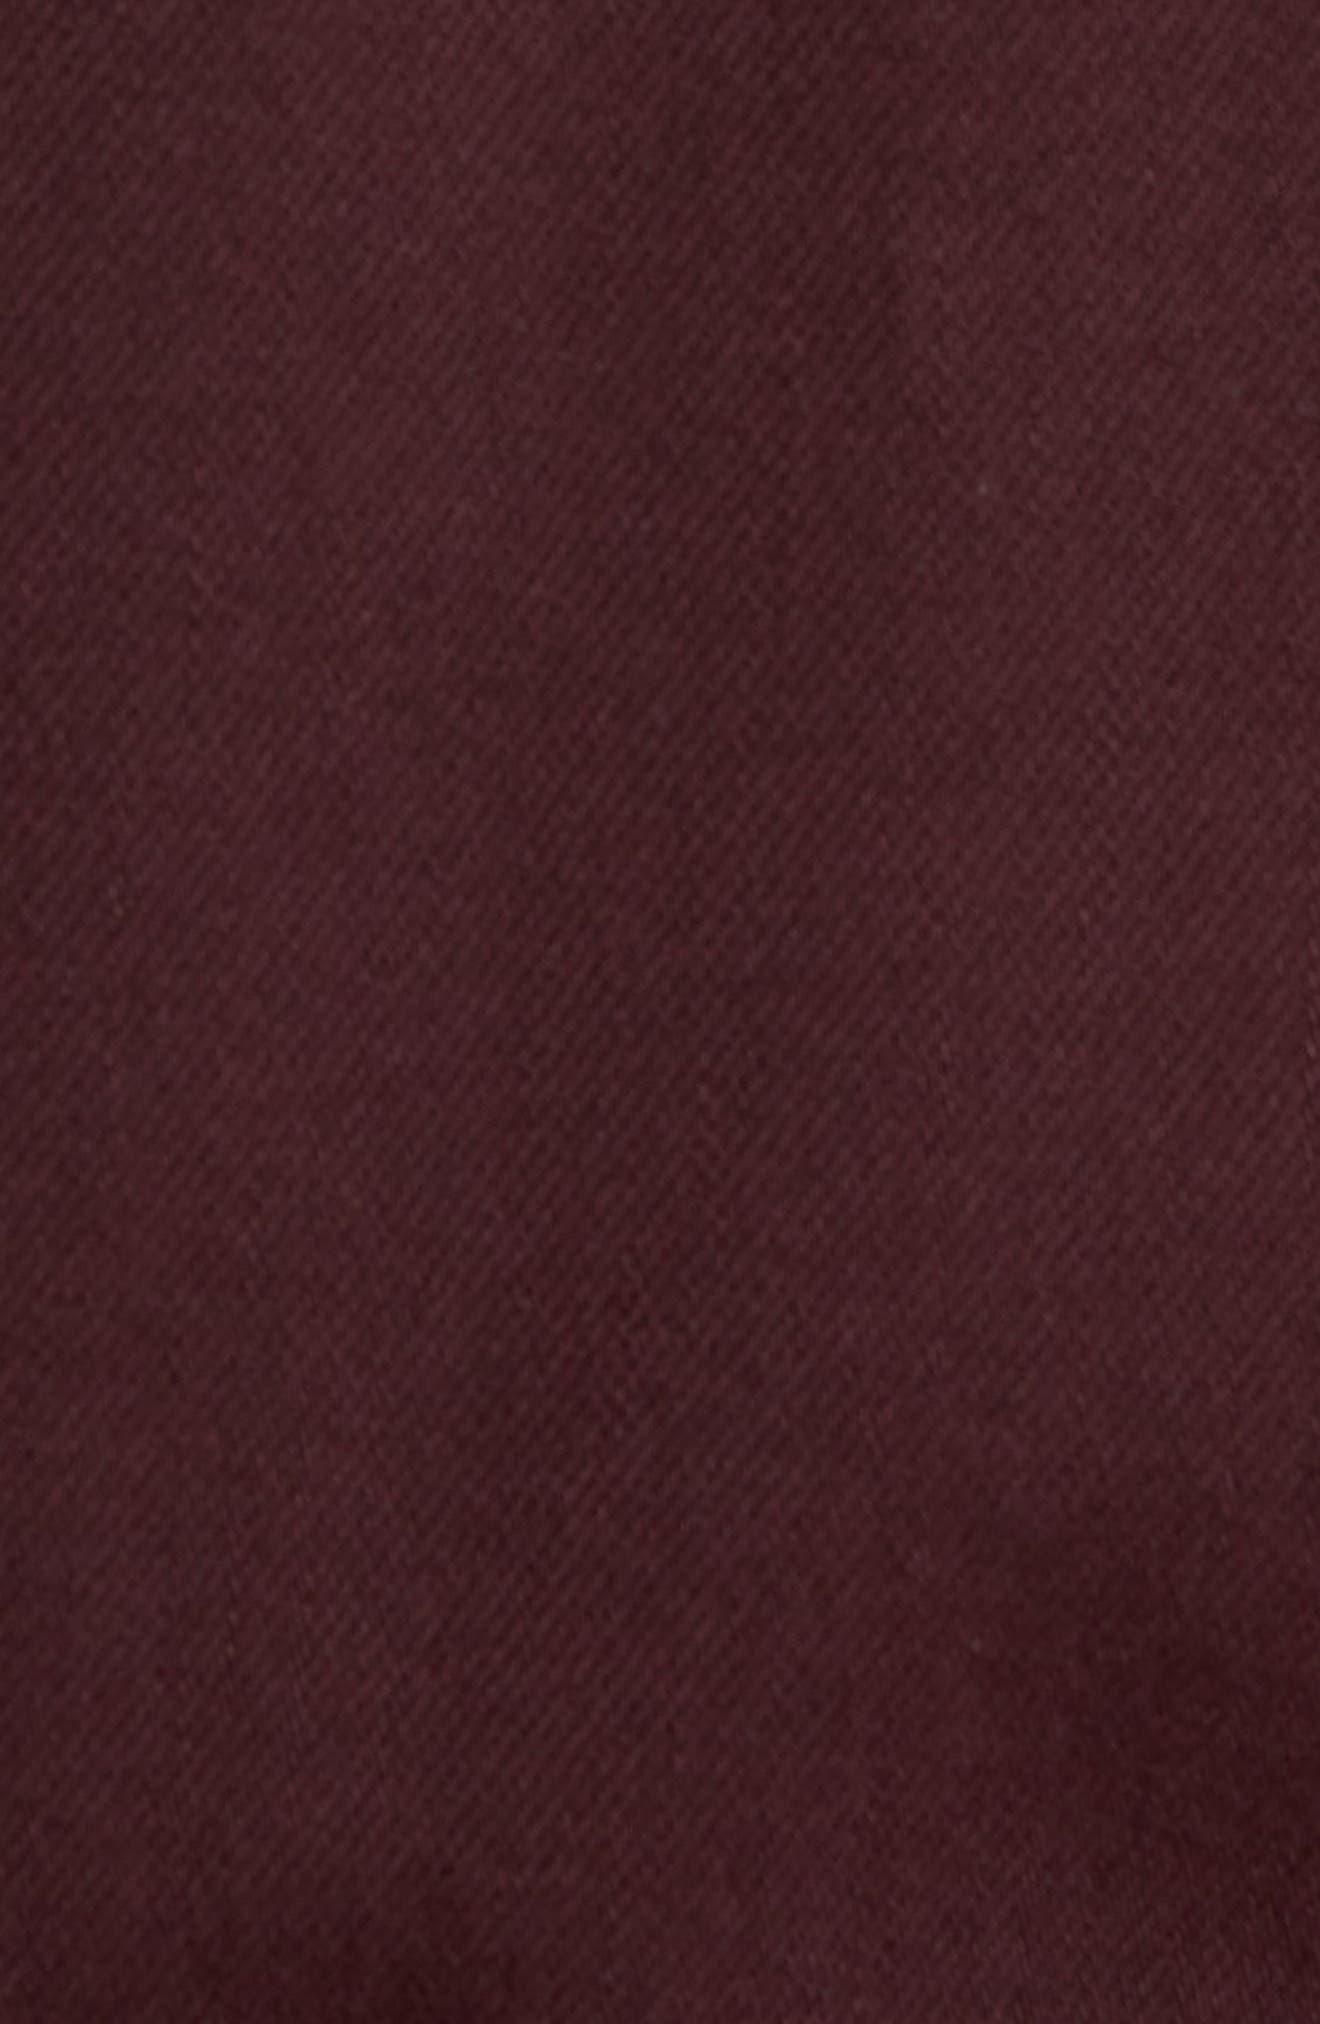 Scout Denim Jacket,                             Alternate thumbnail 6, color,                             VINTAGE AUBERGINE